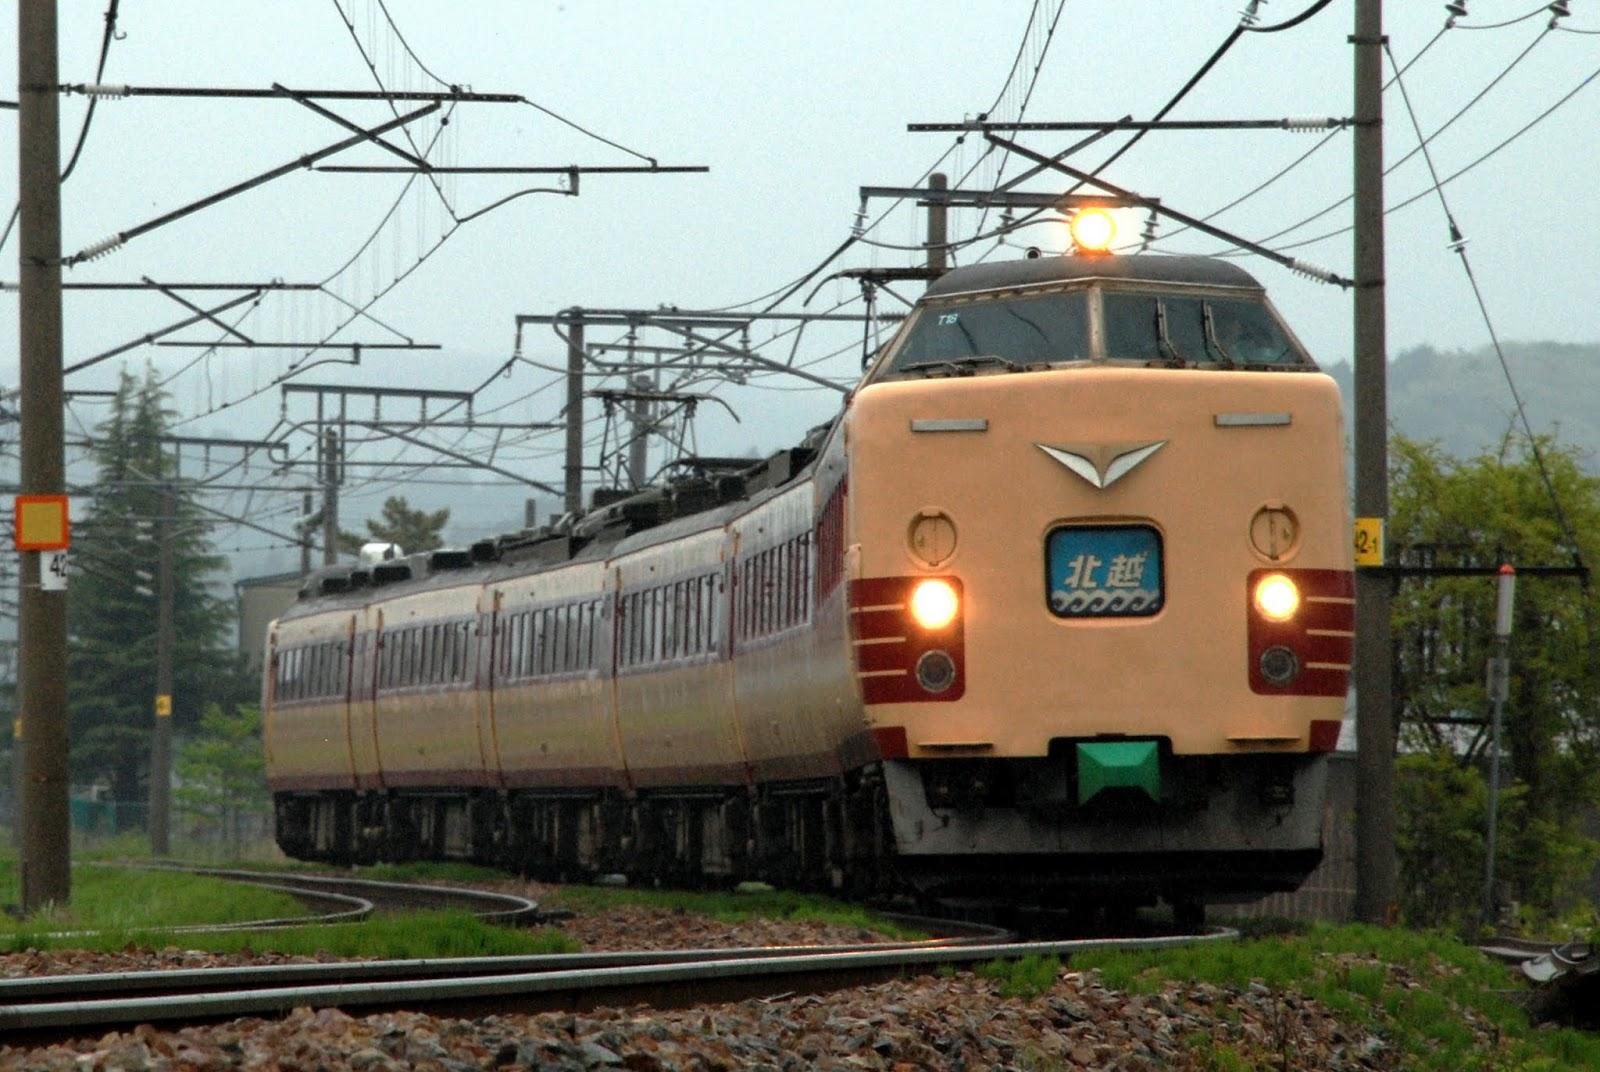 鐵道単見: <b>北越</b>2号 485系T18編成(国鉄色)